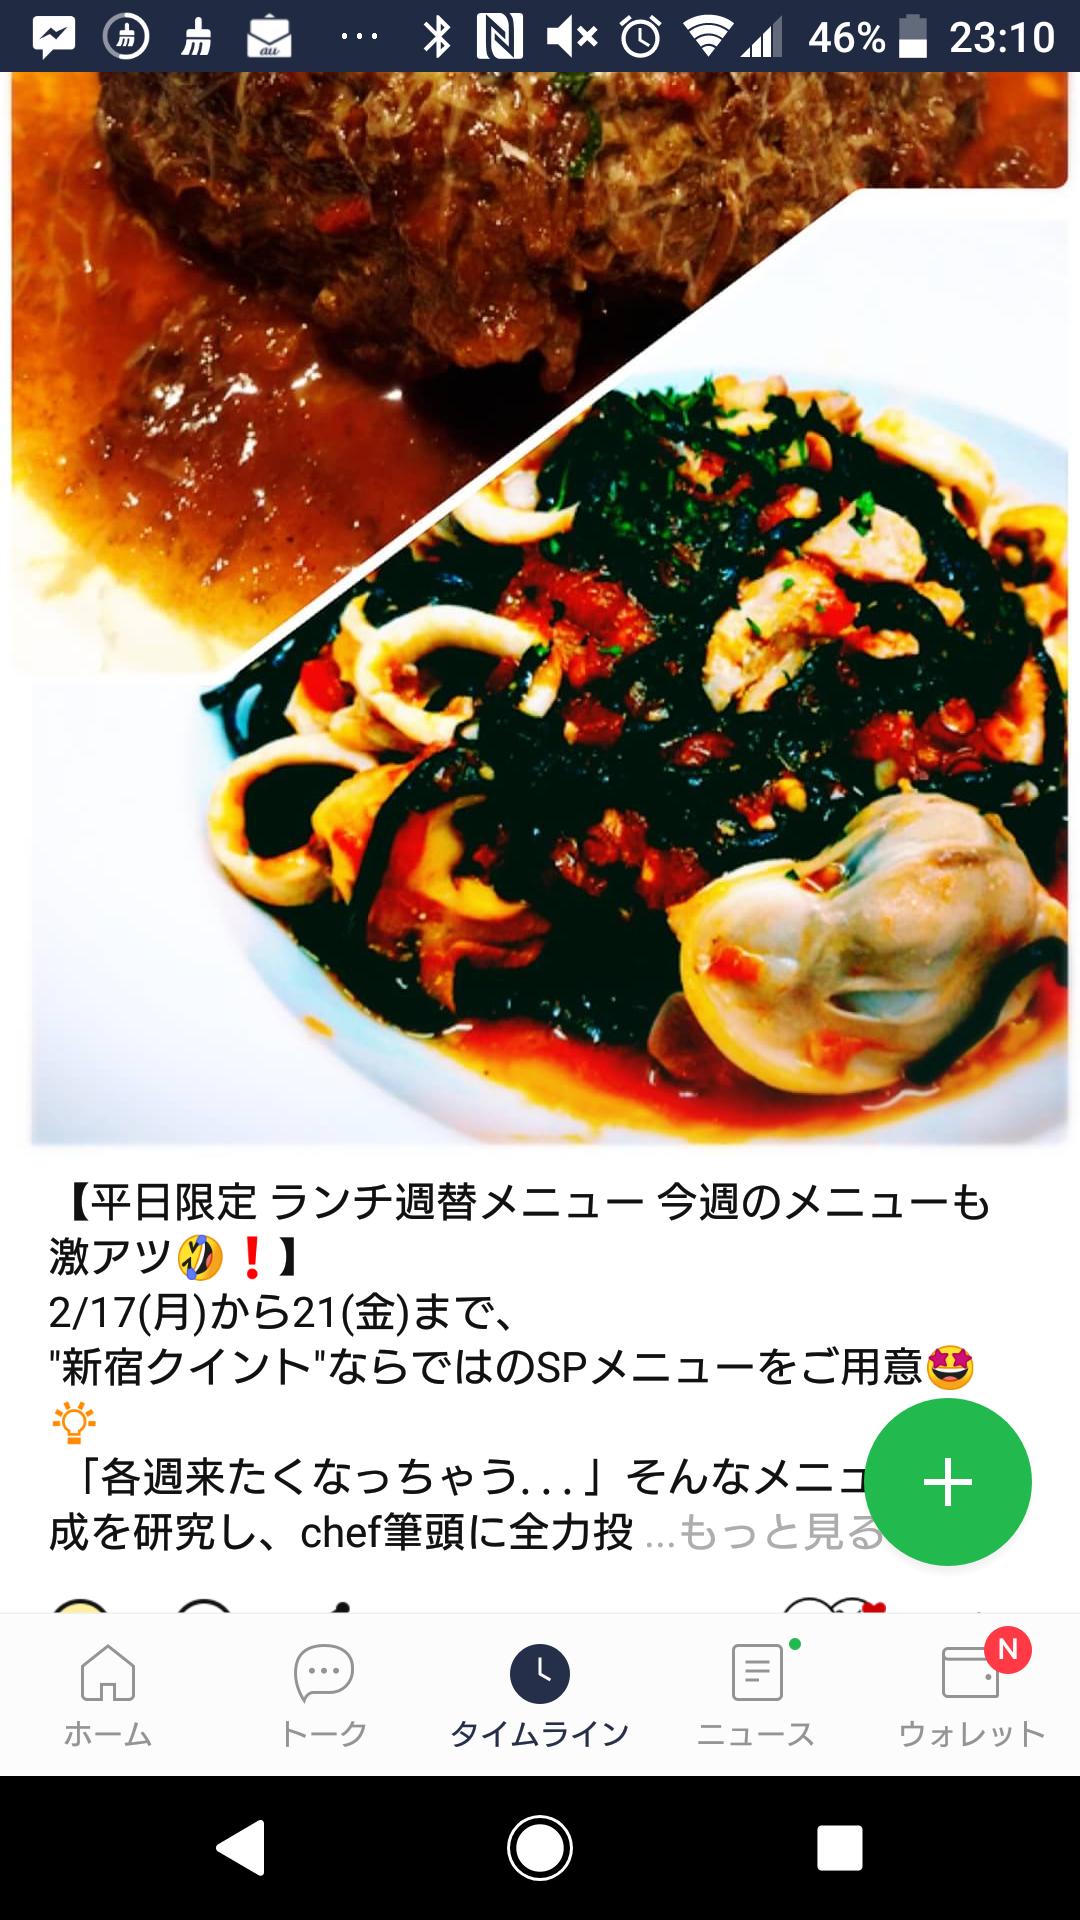 東食サービス